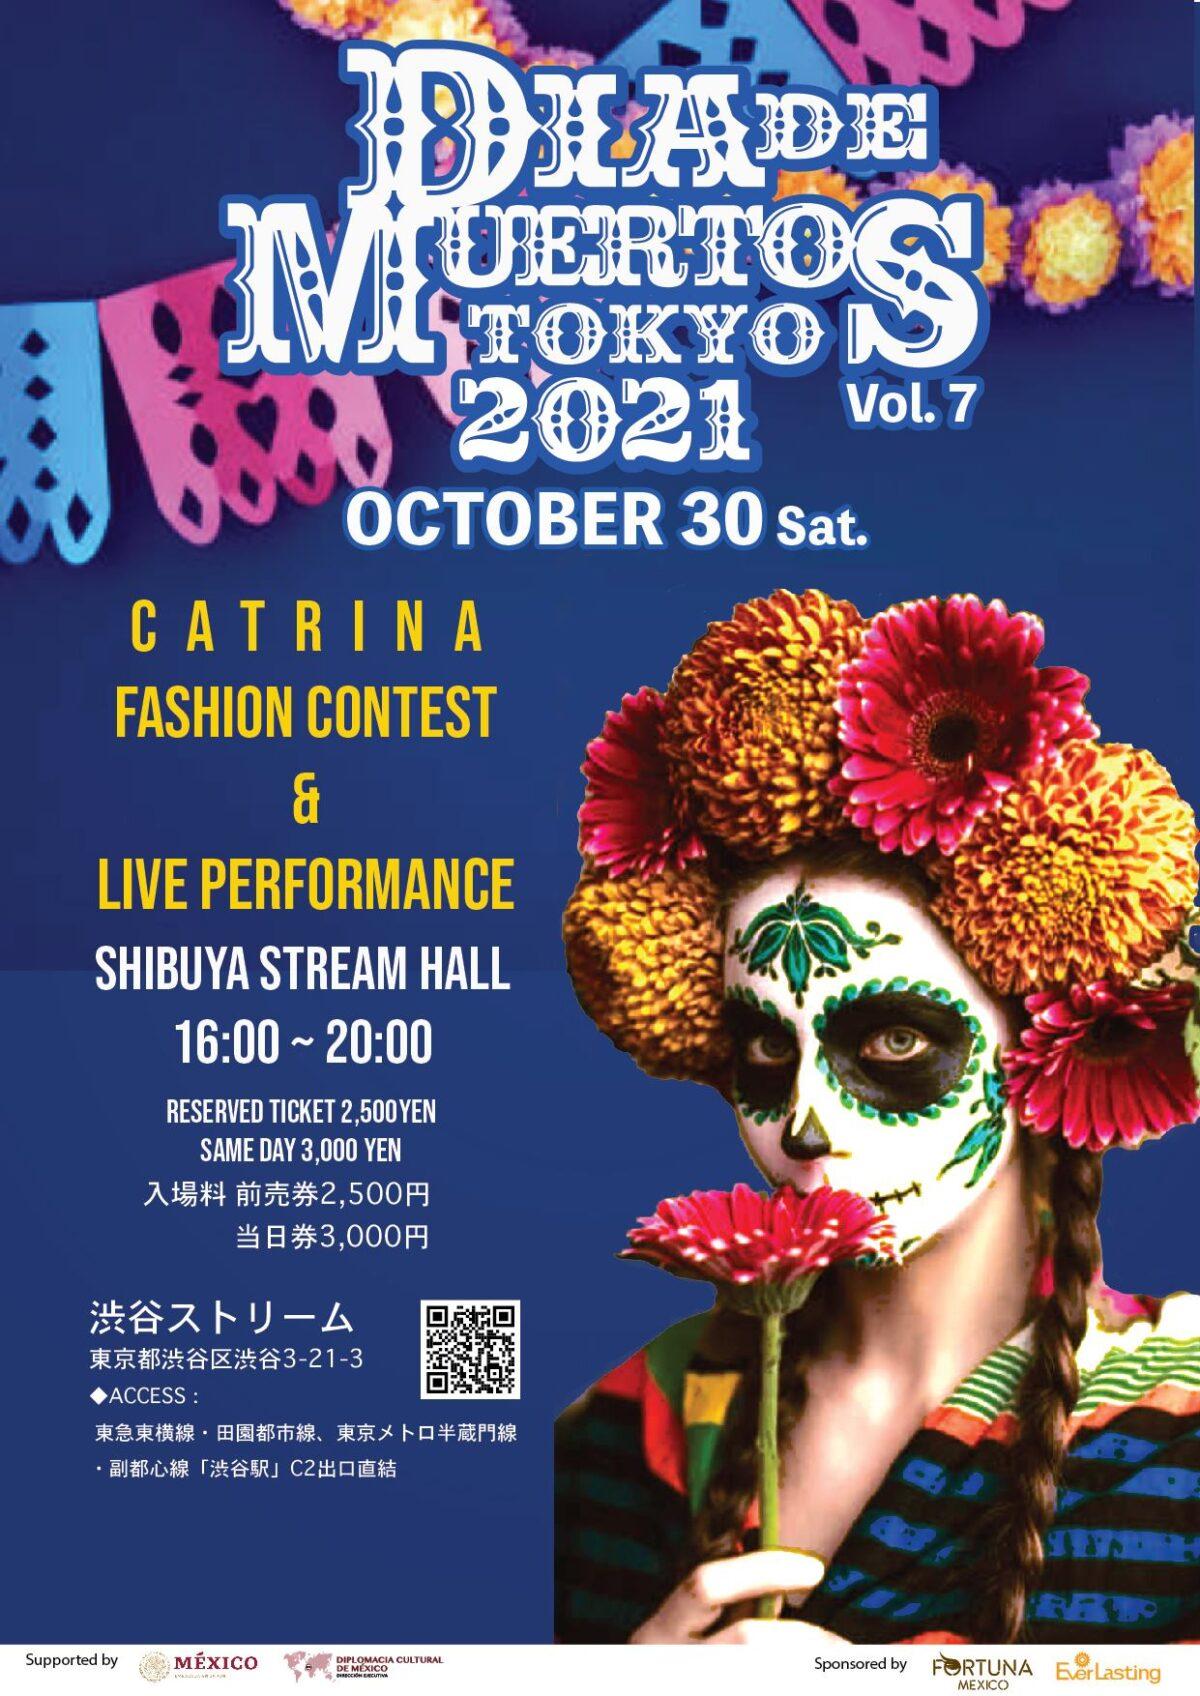 2021年10月30日(土) Dia de los Muertos Tokyo ( 死者の日 ) 2021@渋谷ストリームホール